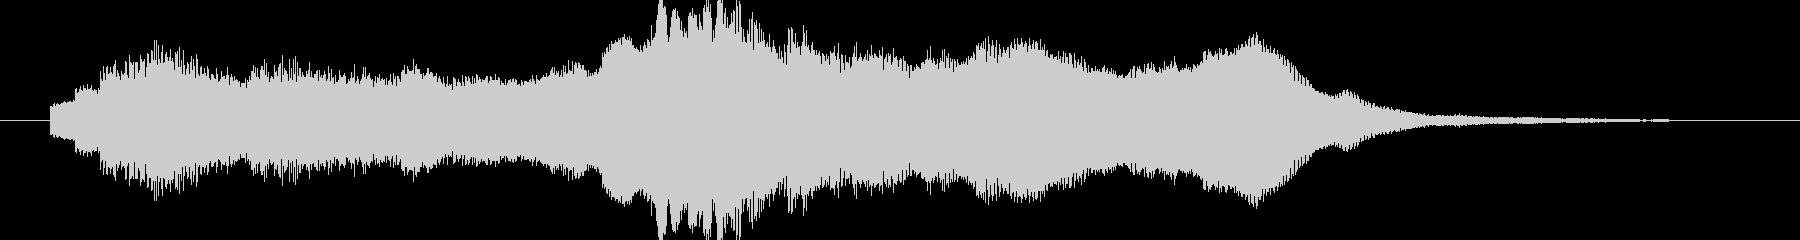 PC起動音のようなシンプルなジングルBの未再生の波形